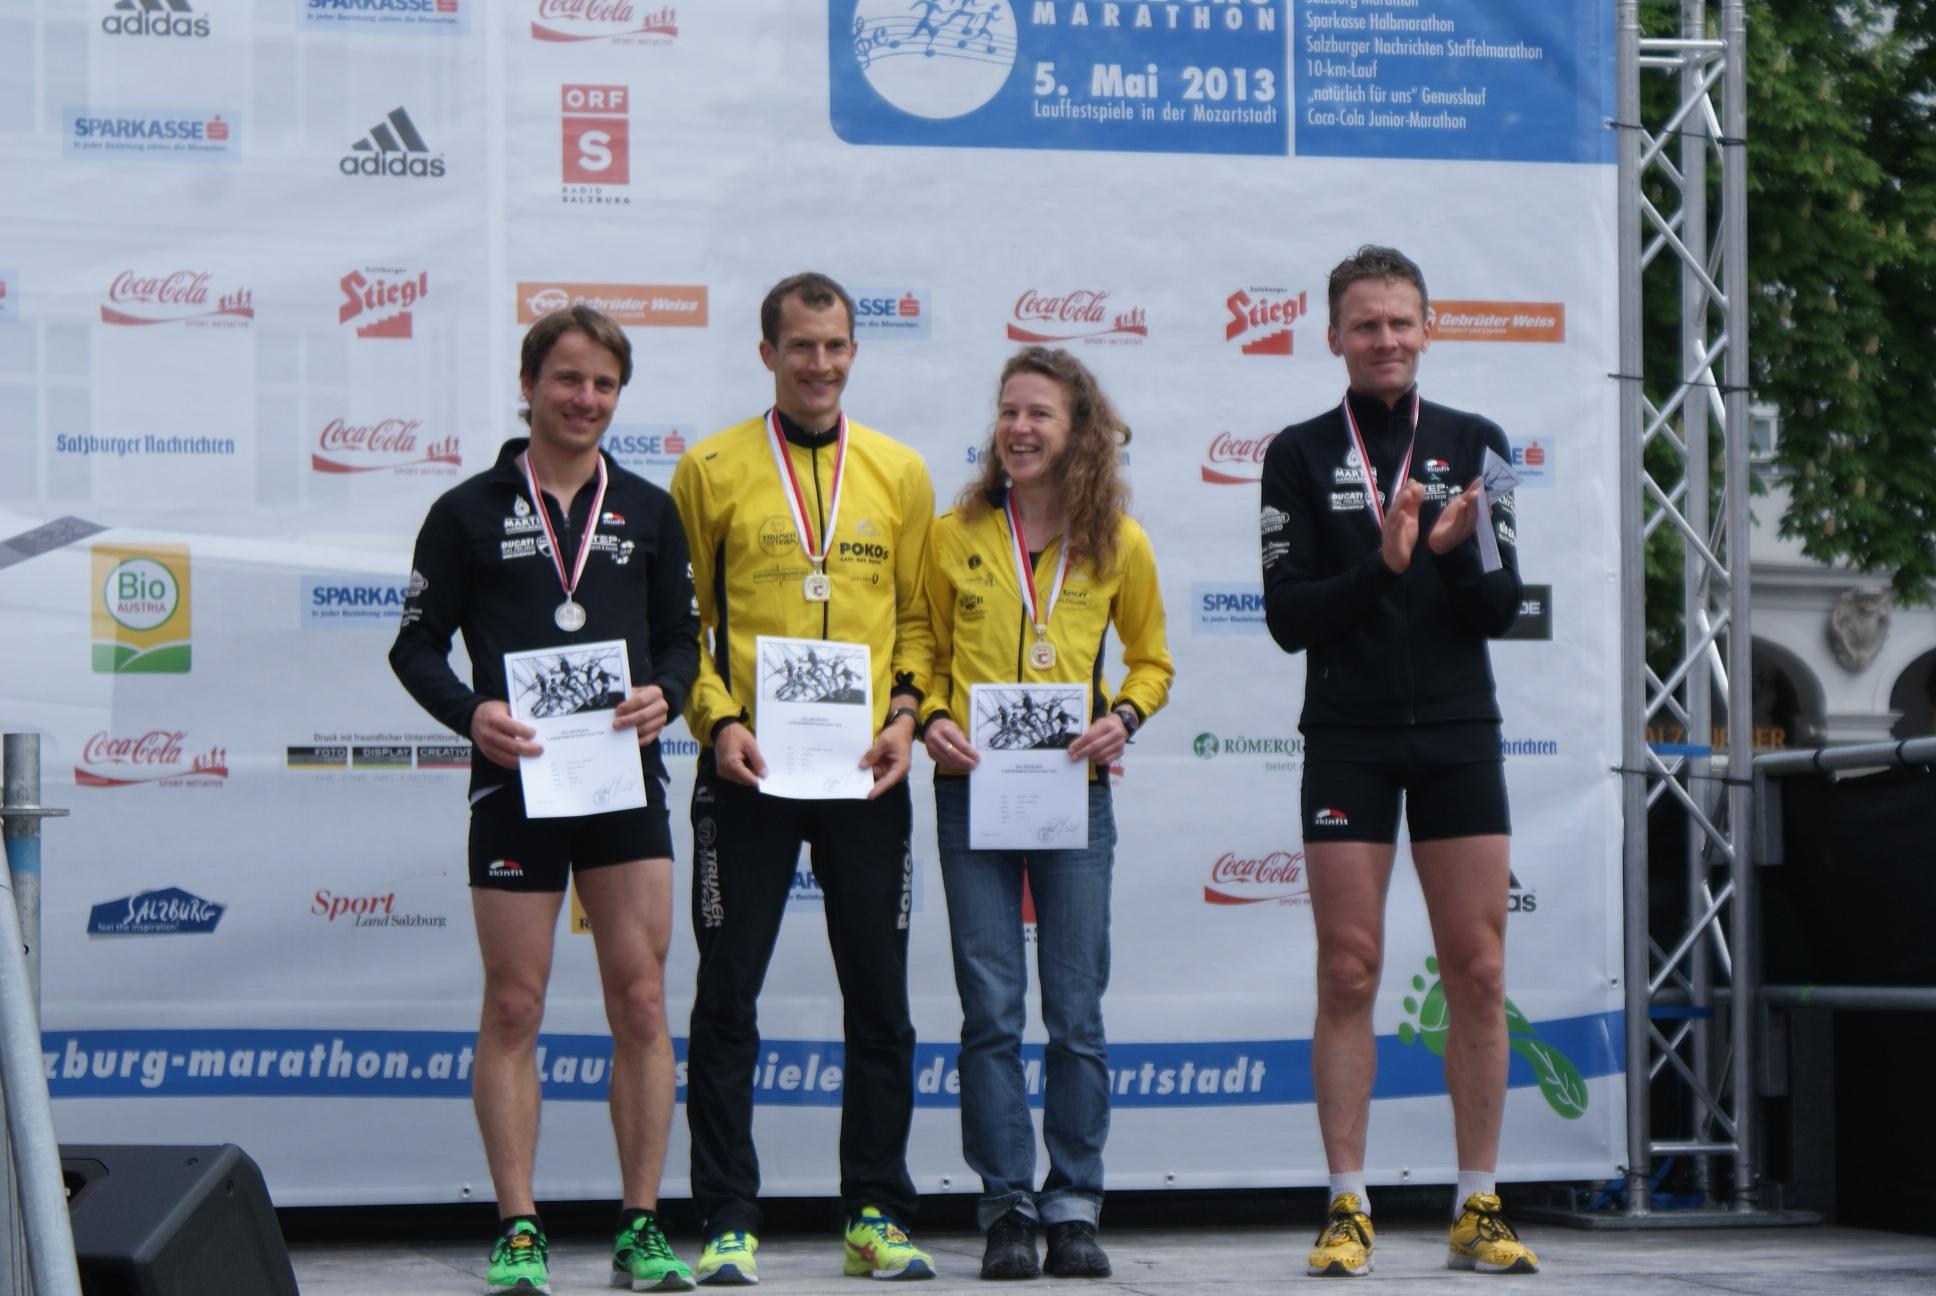 Siegerehrung LM Marathon 2013